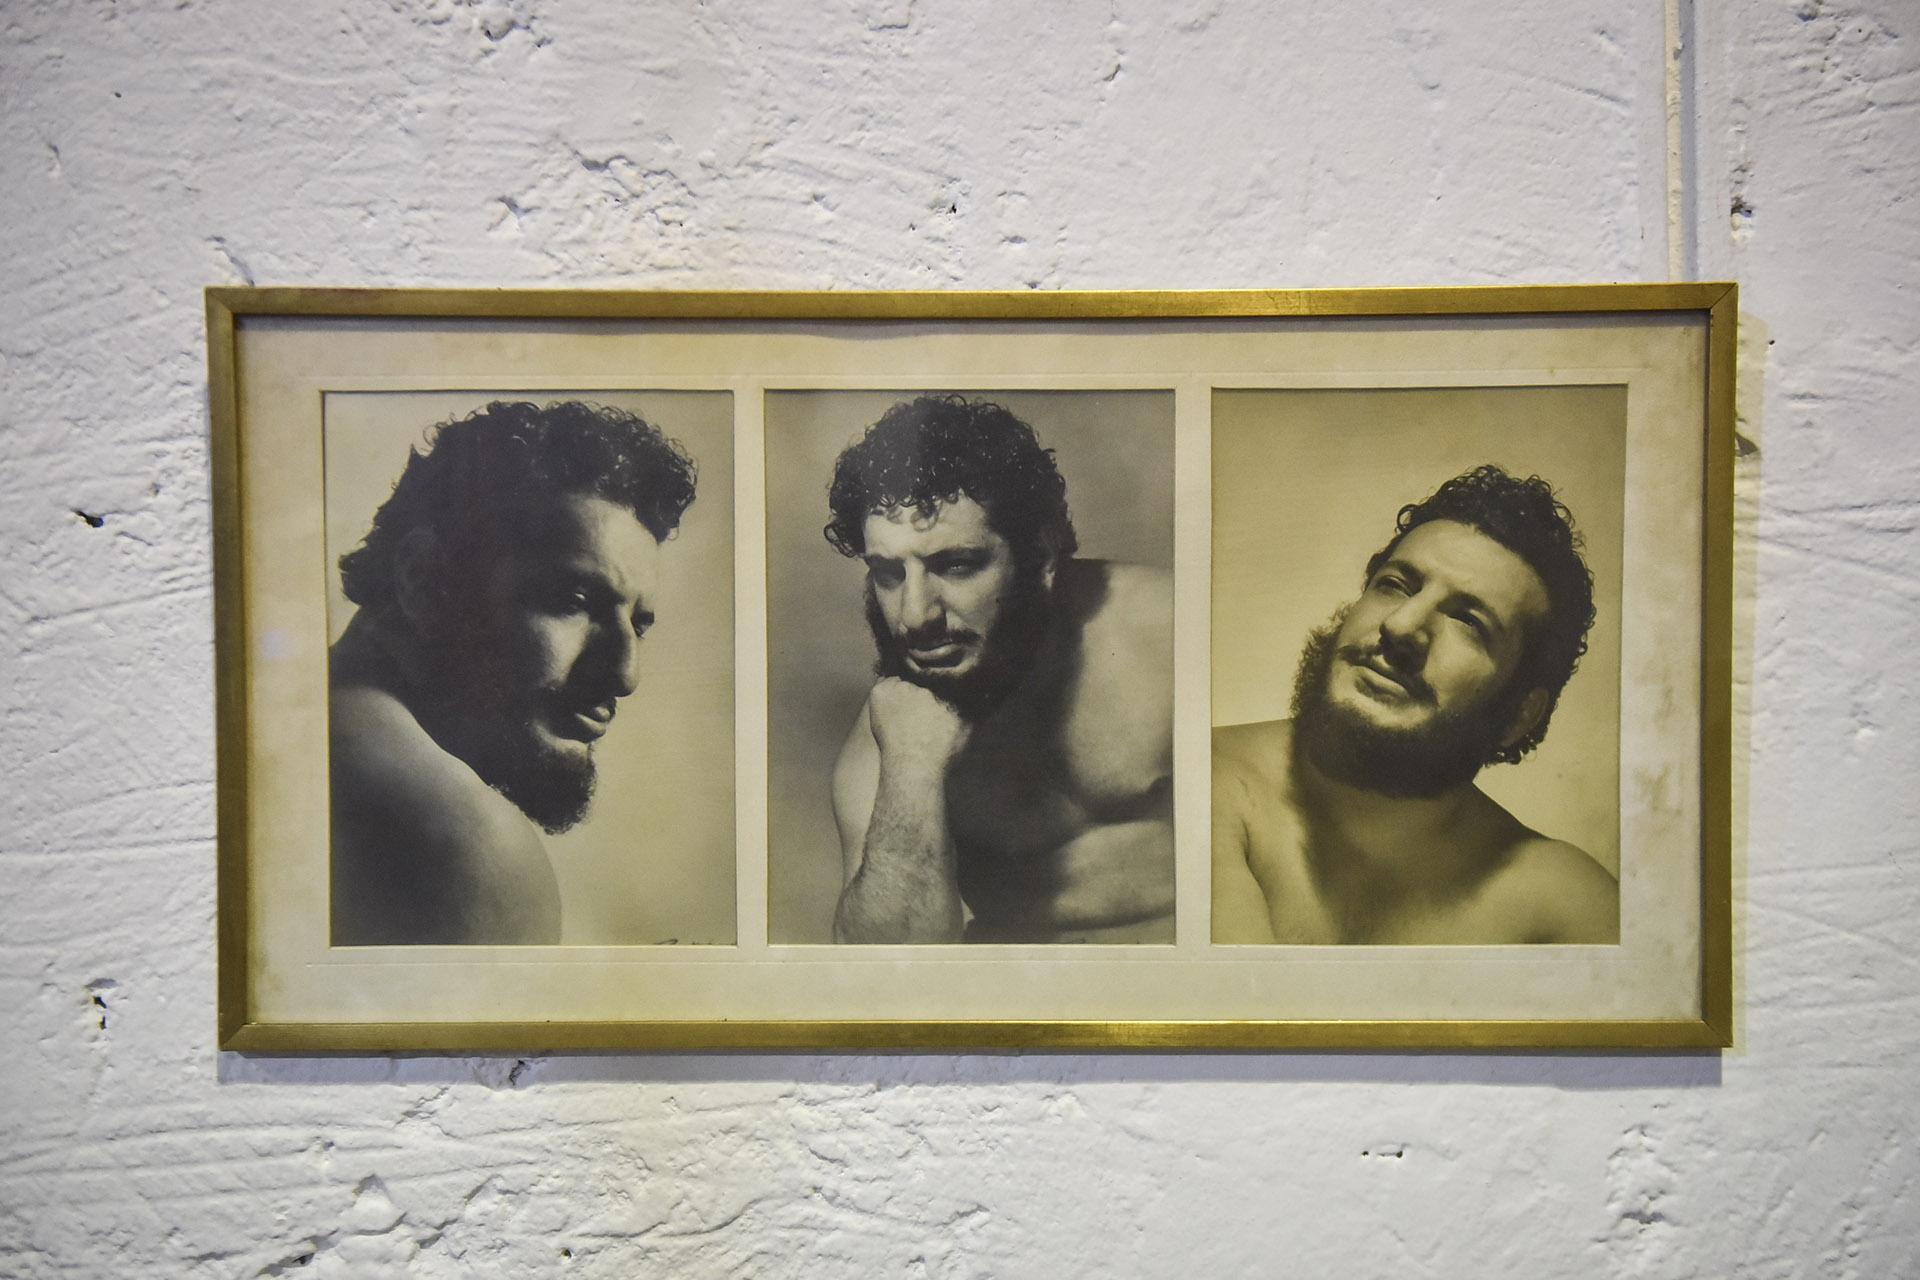 """El gran Martín, el campeón del mundo de lucha libre. Aquel hijo de inmigrantes que desde chico aprendiera lucha grecorromana está presente en todos los rincones. Él es """"Titanes"""""""